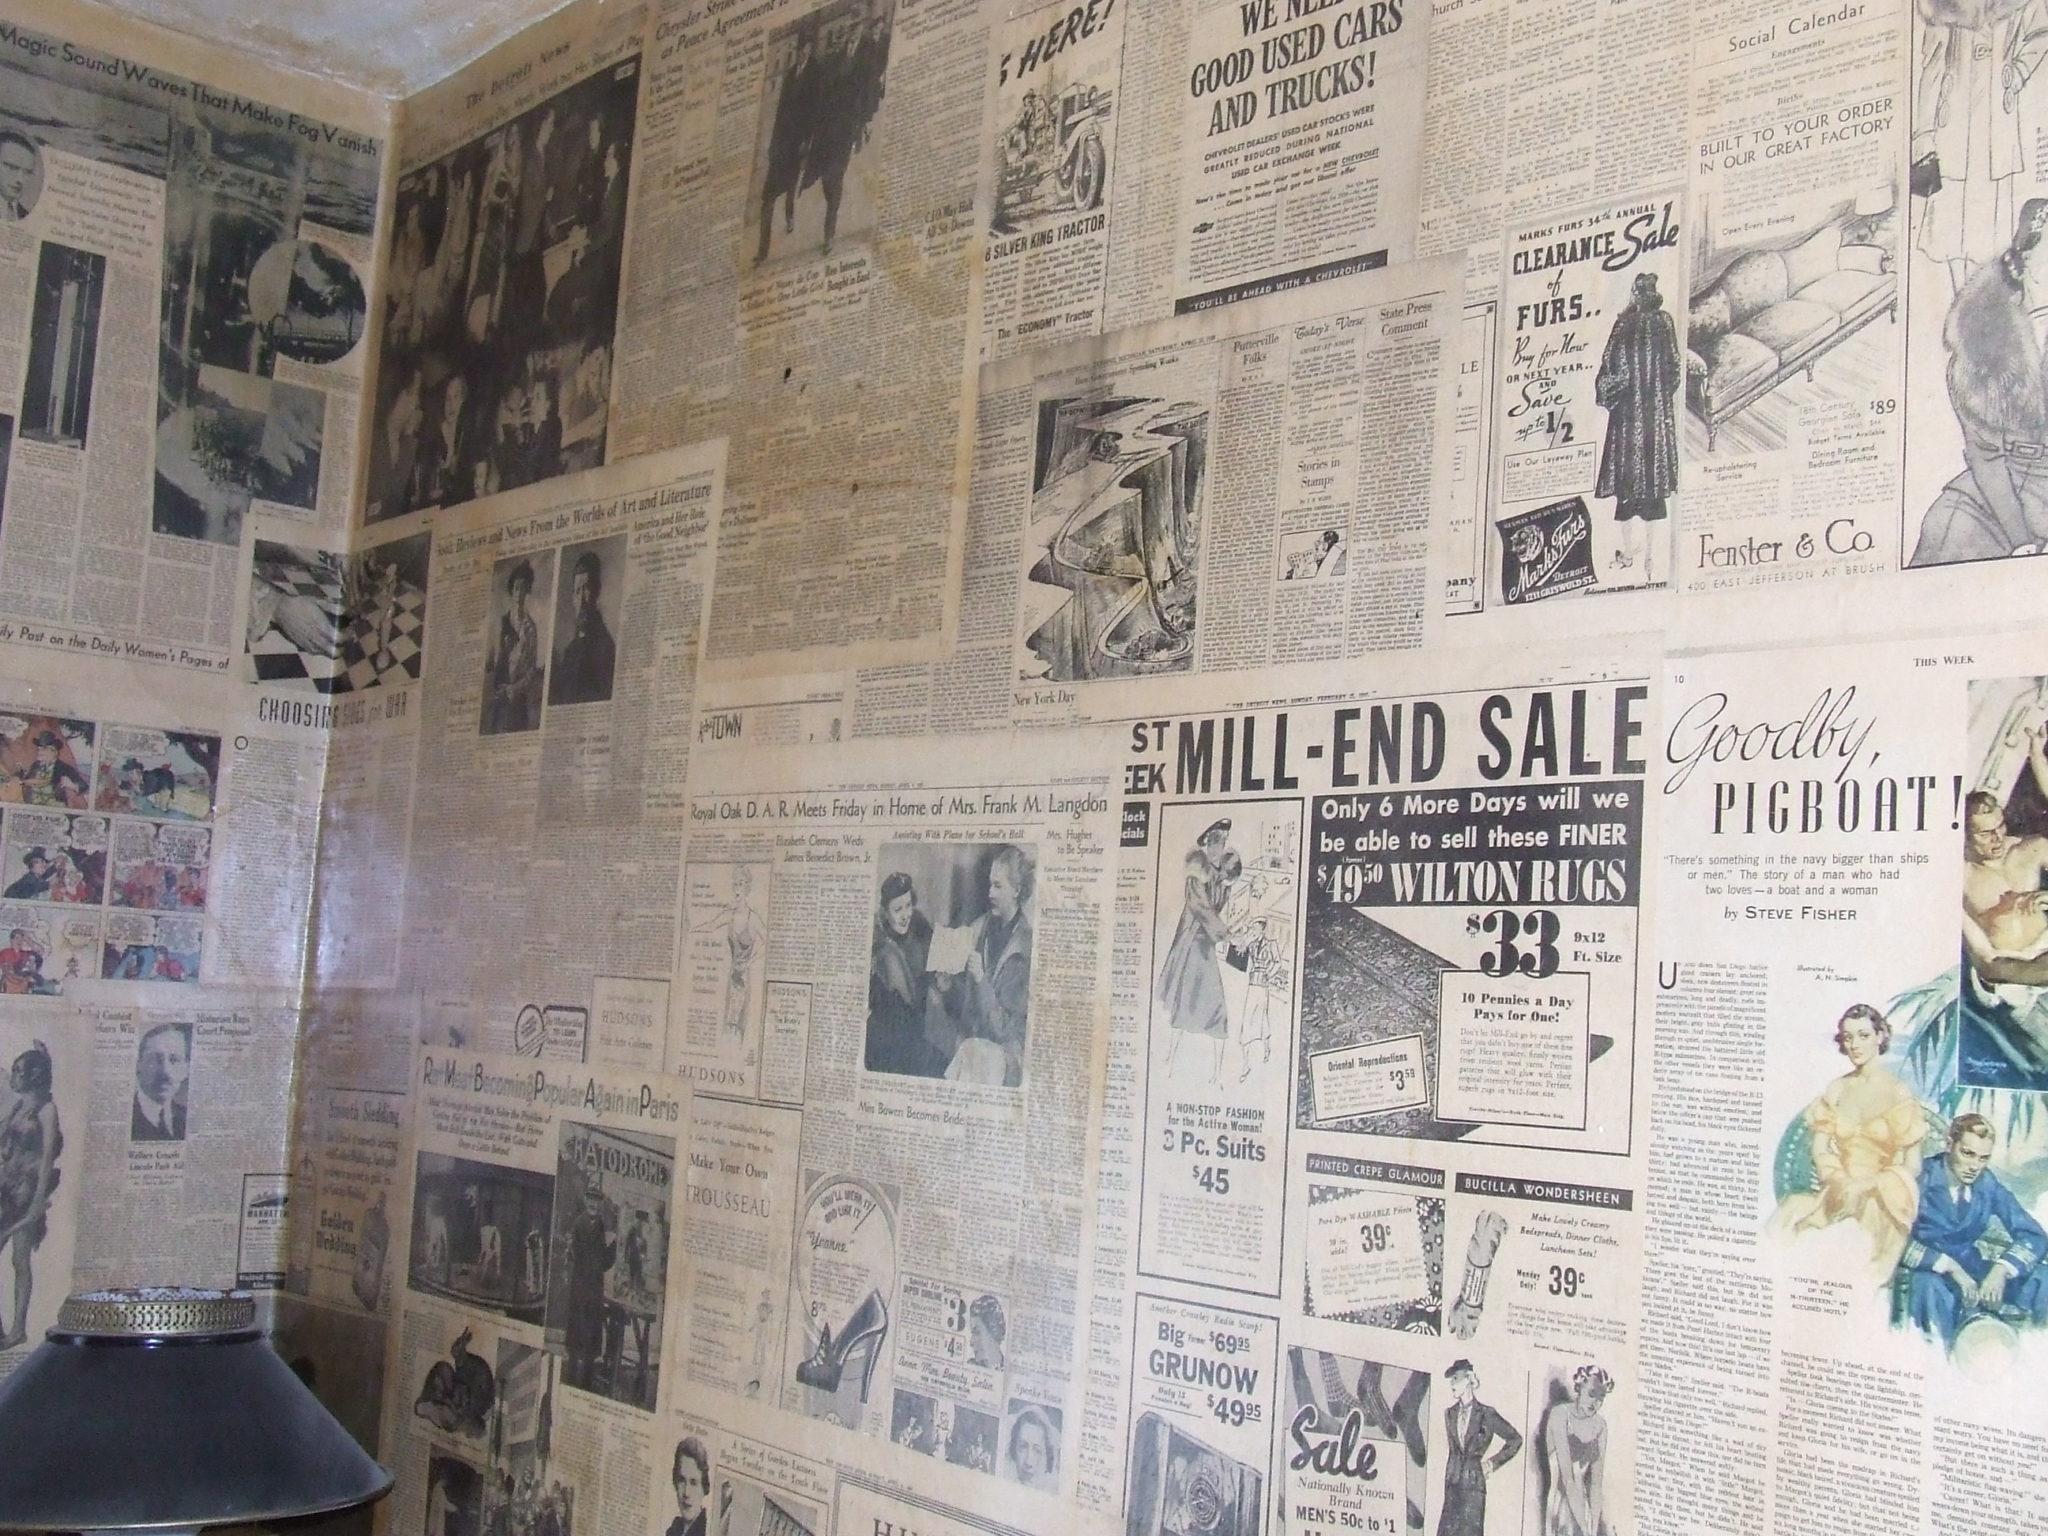 Использование старых газет для удаления лакокрасочных покрытий (в данном случае - со стен помещения)